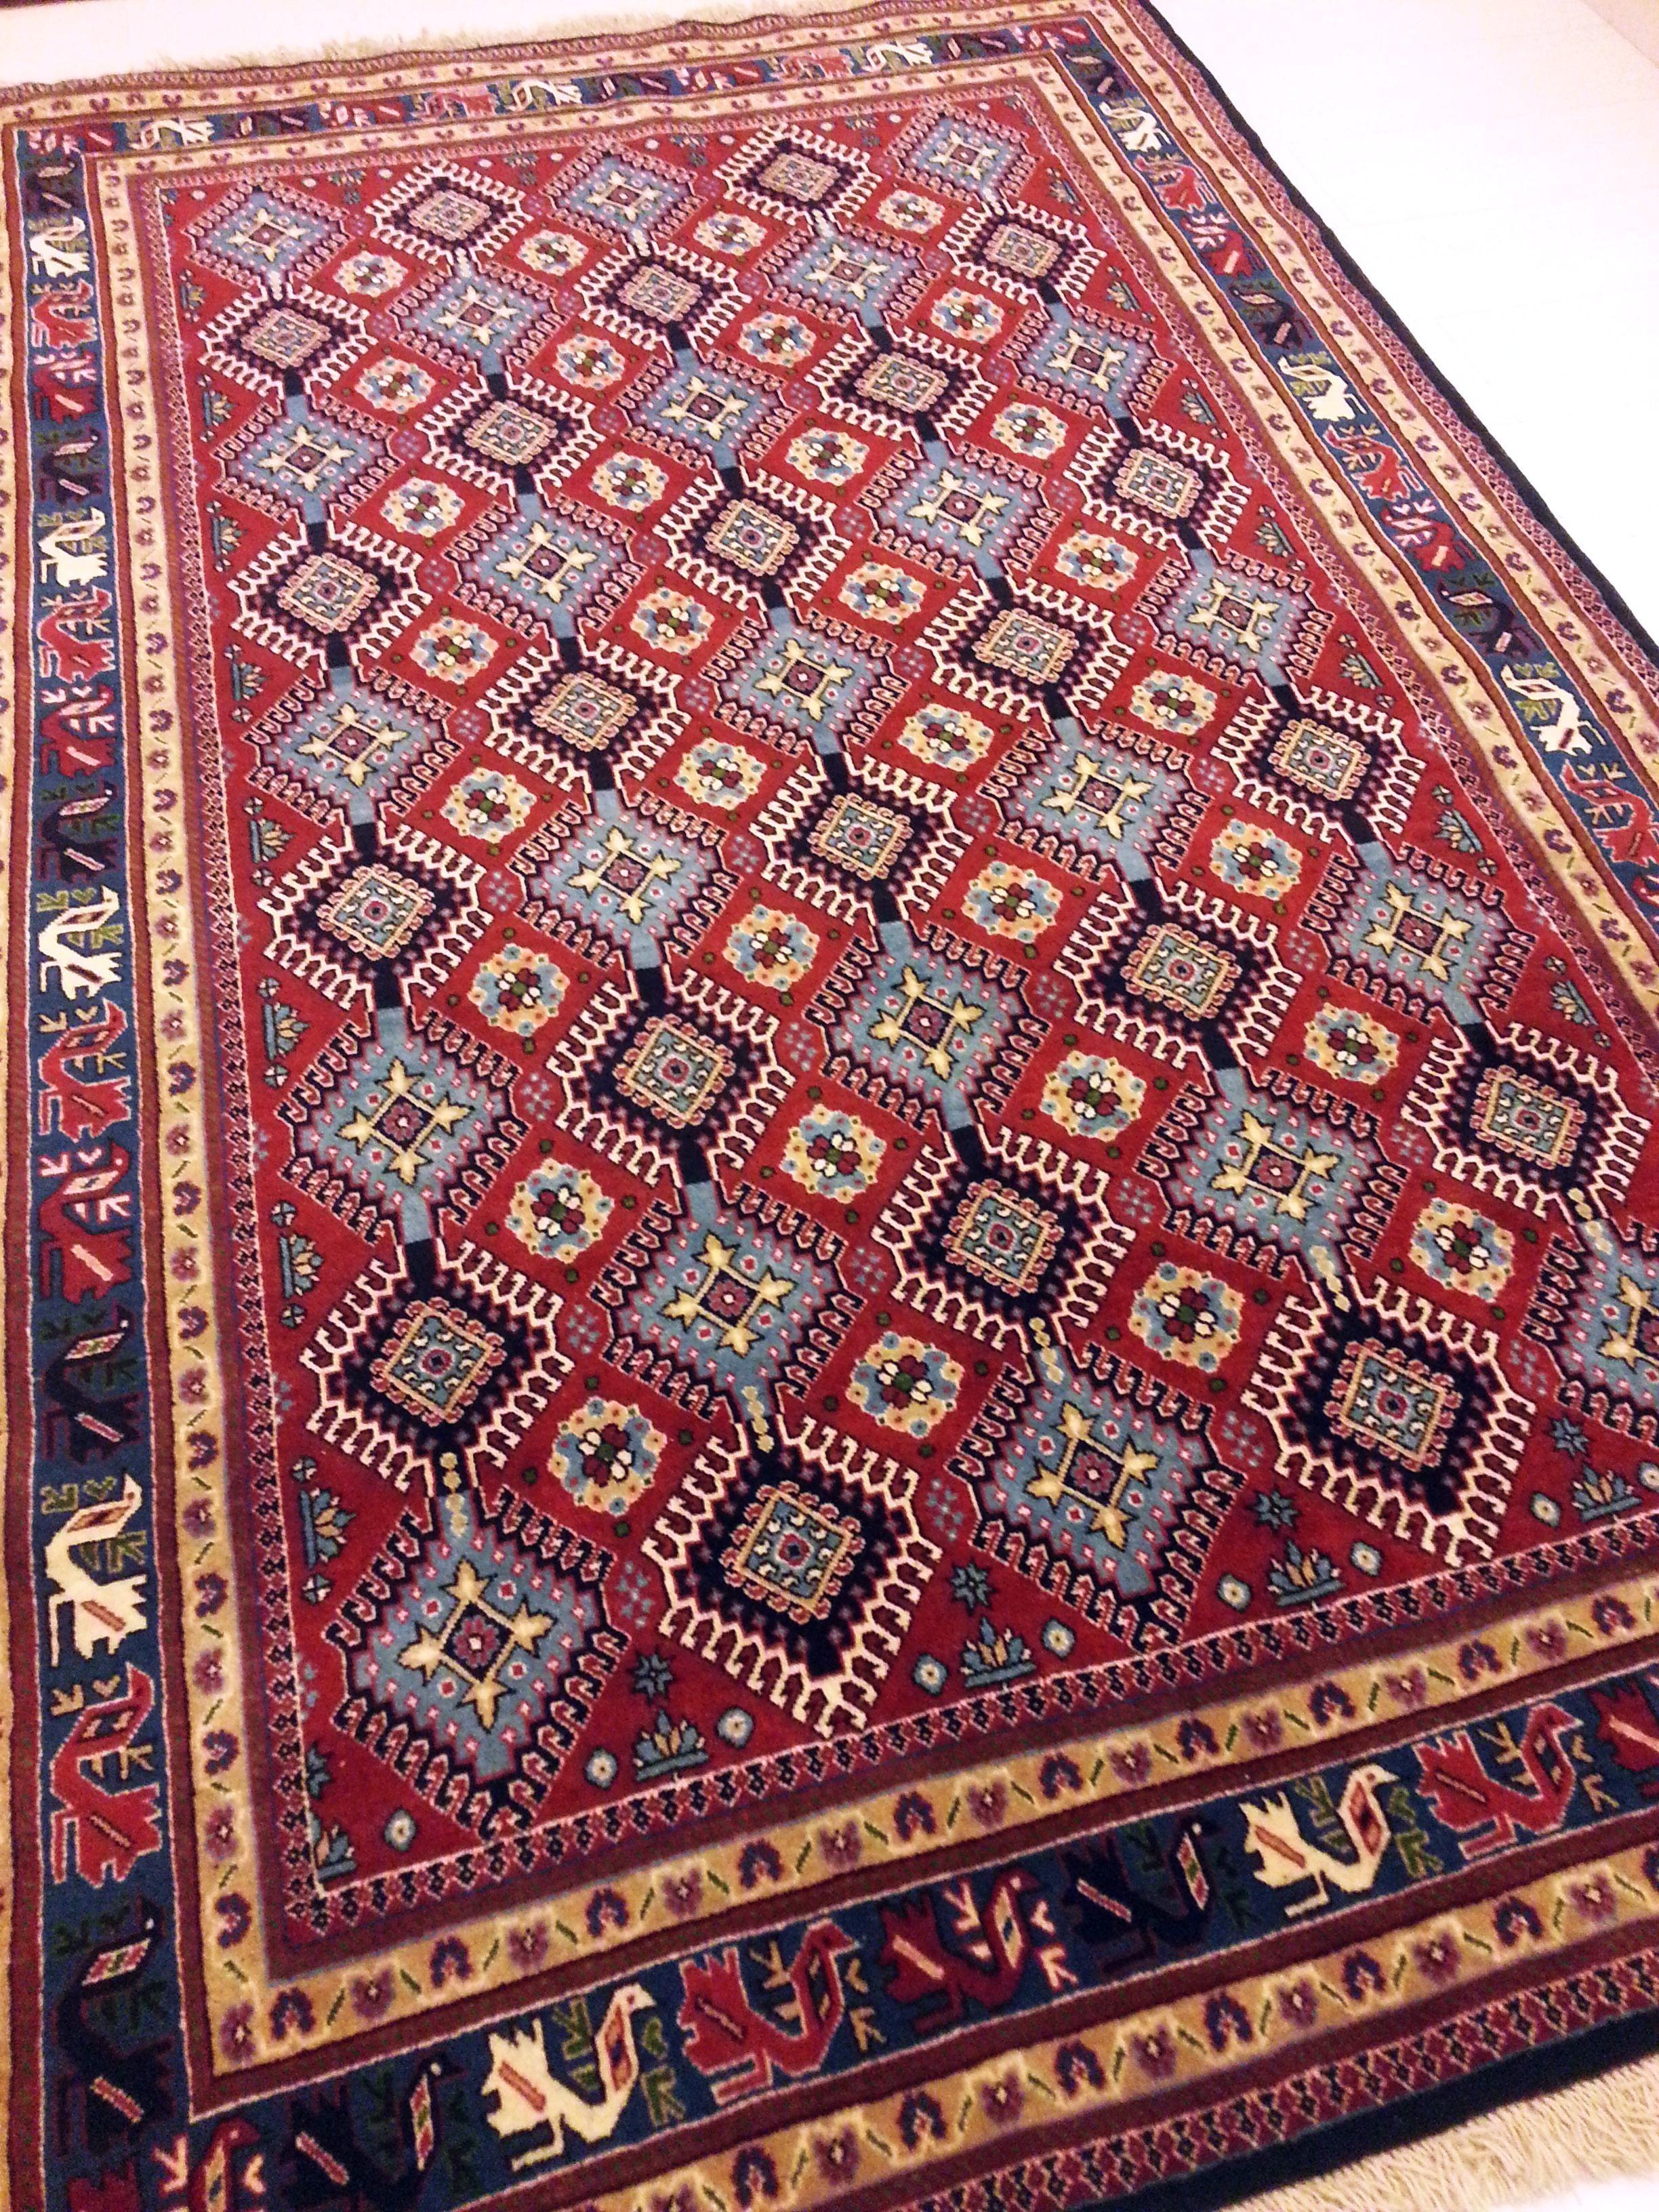 Yalameh, tappeto persiano annodato a mano 240 x 150 cm (1100 euro)